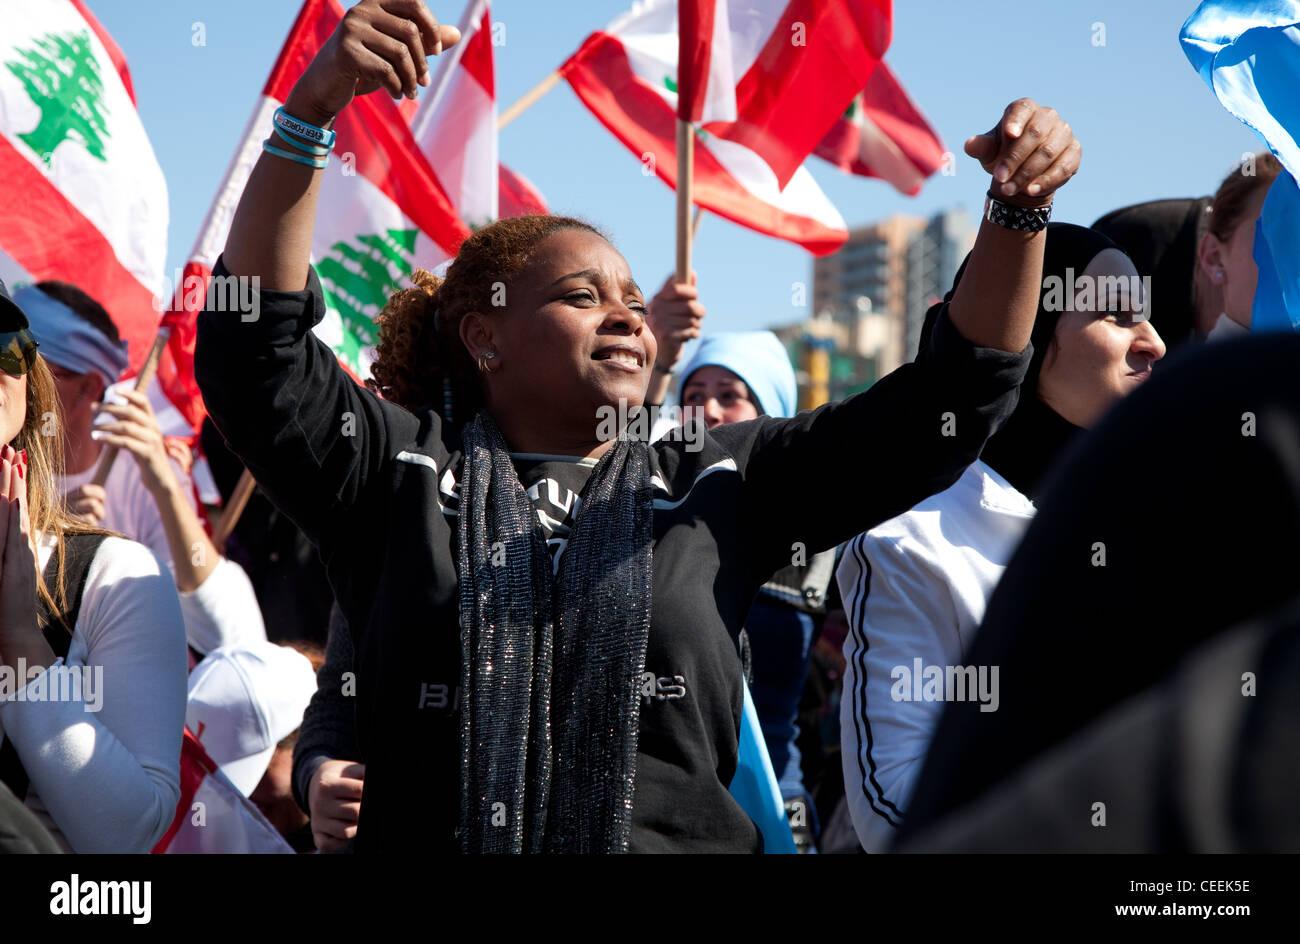 Joven baila y sonríe en mitin político, con la participación de hasta 1m de personas, en la Plaza Imagen De Stock